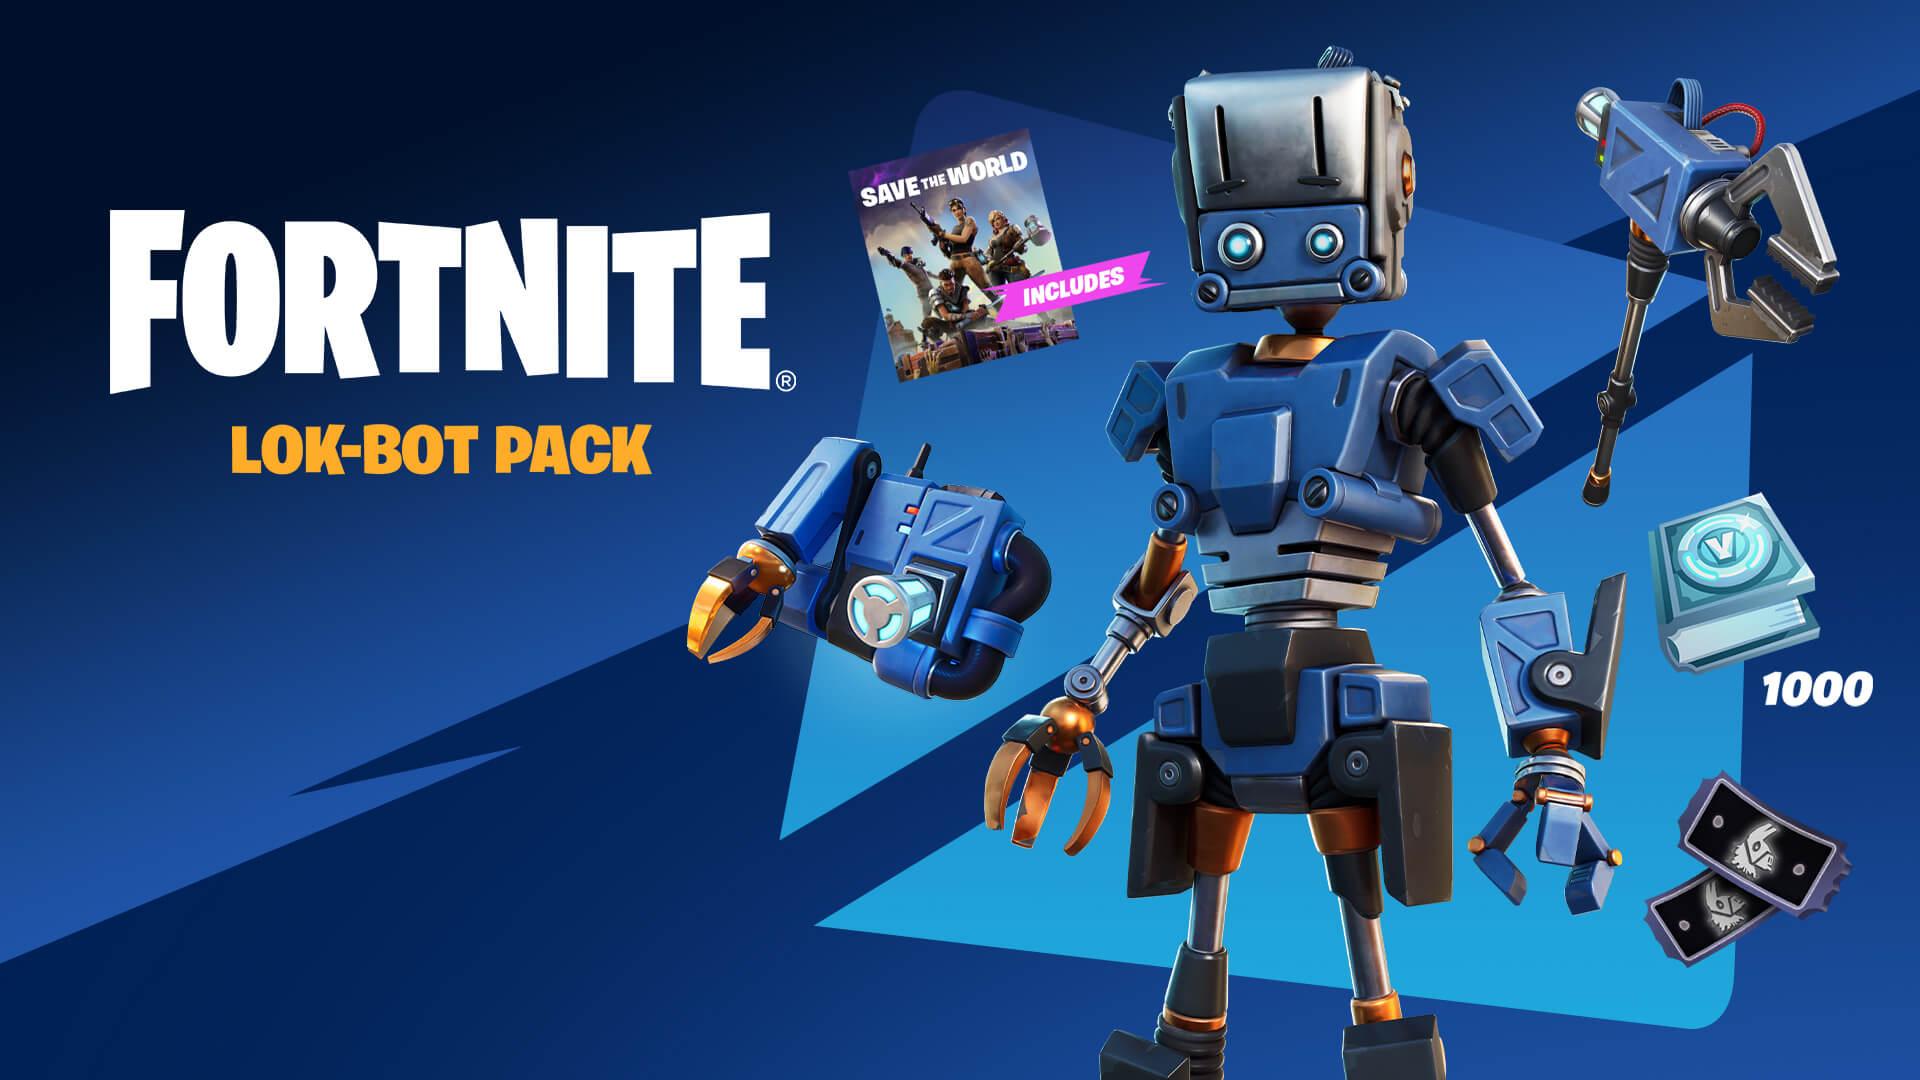 En Fortnite Save The World Lok Bot Pack